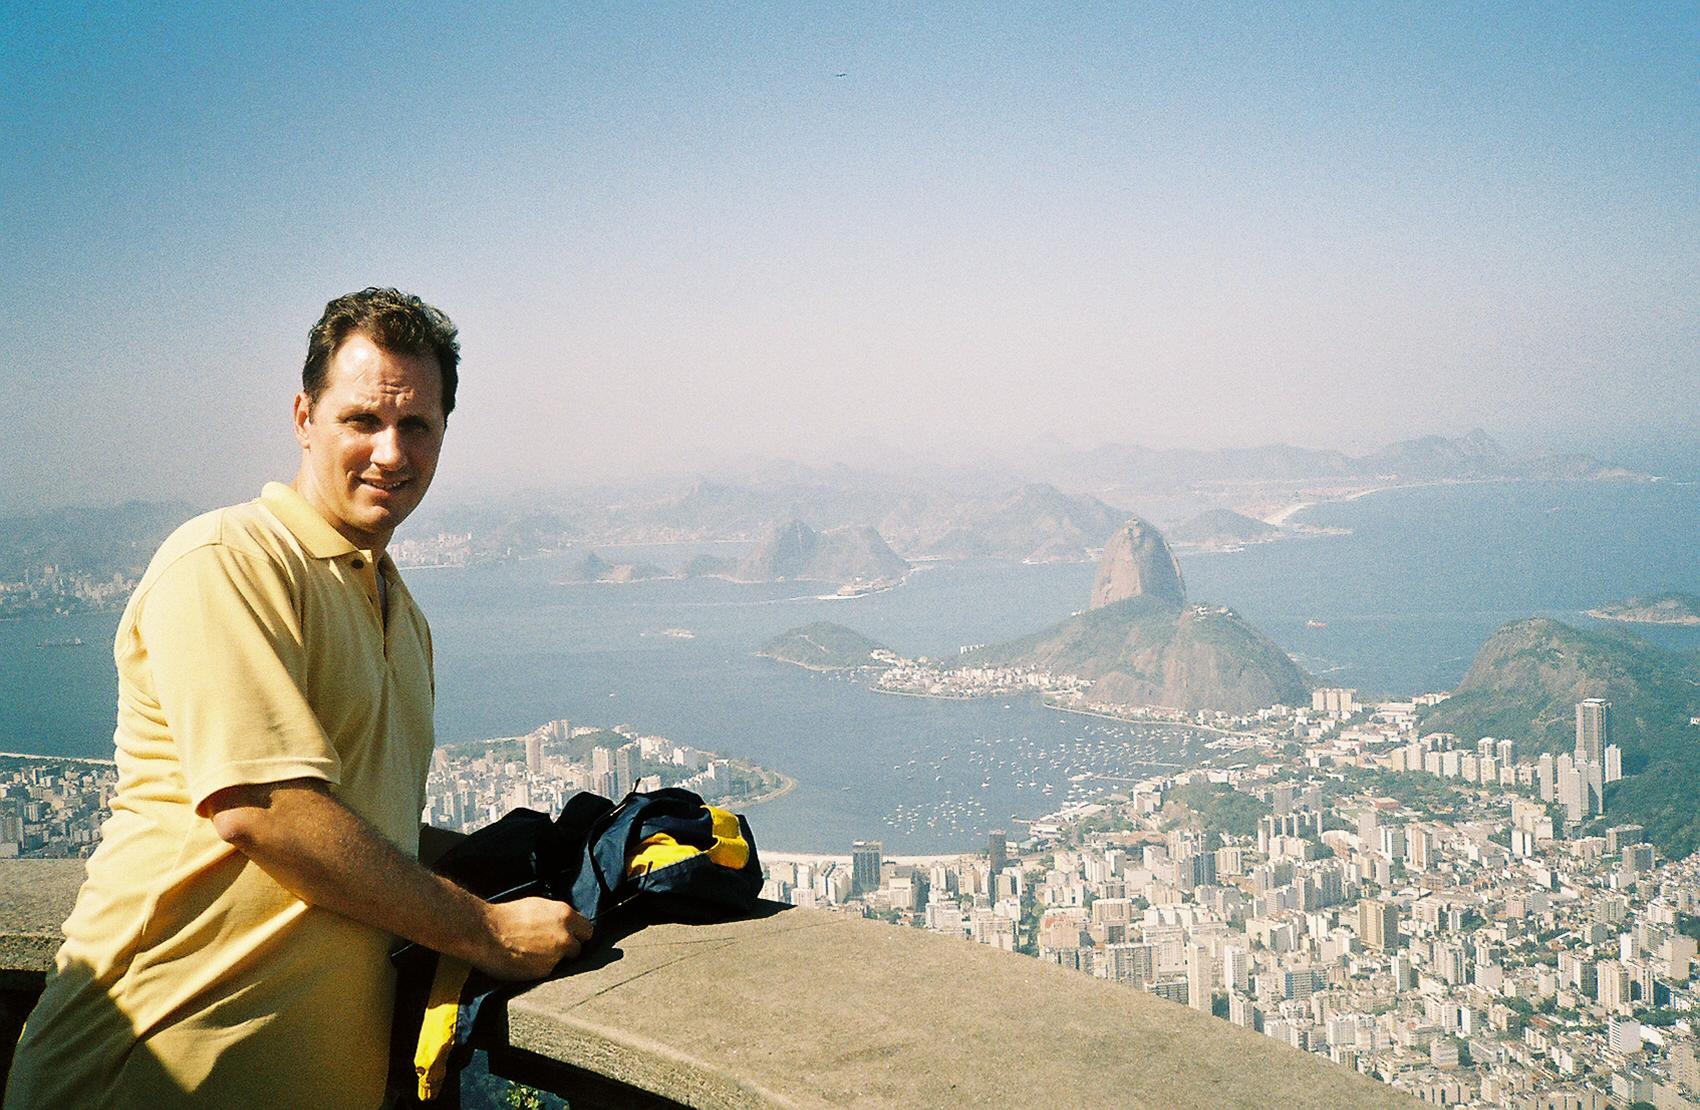 Jim in Brazil